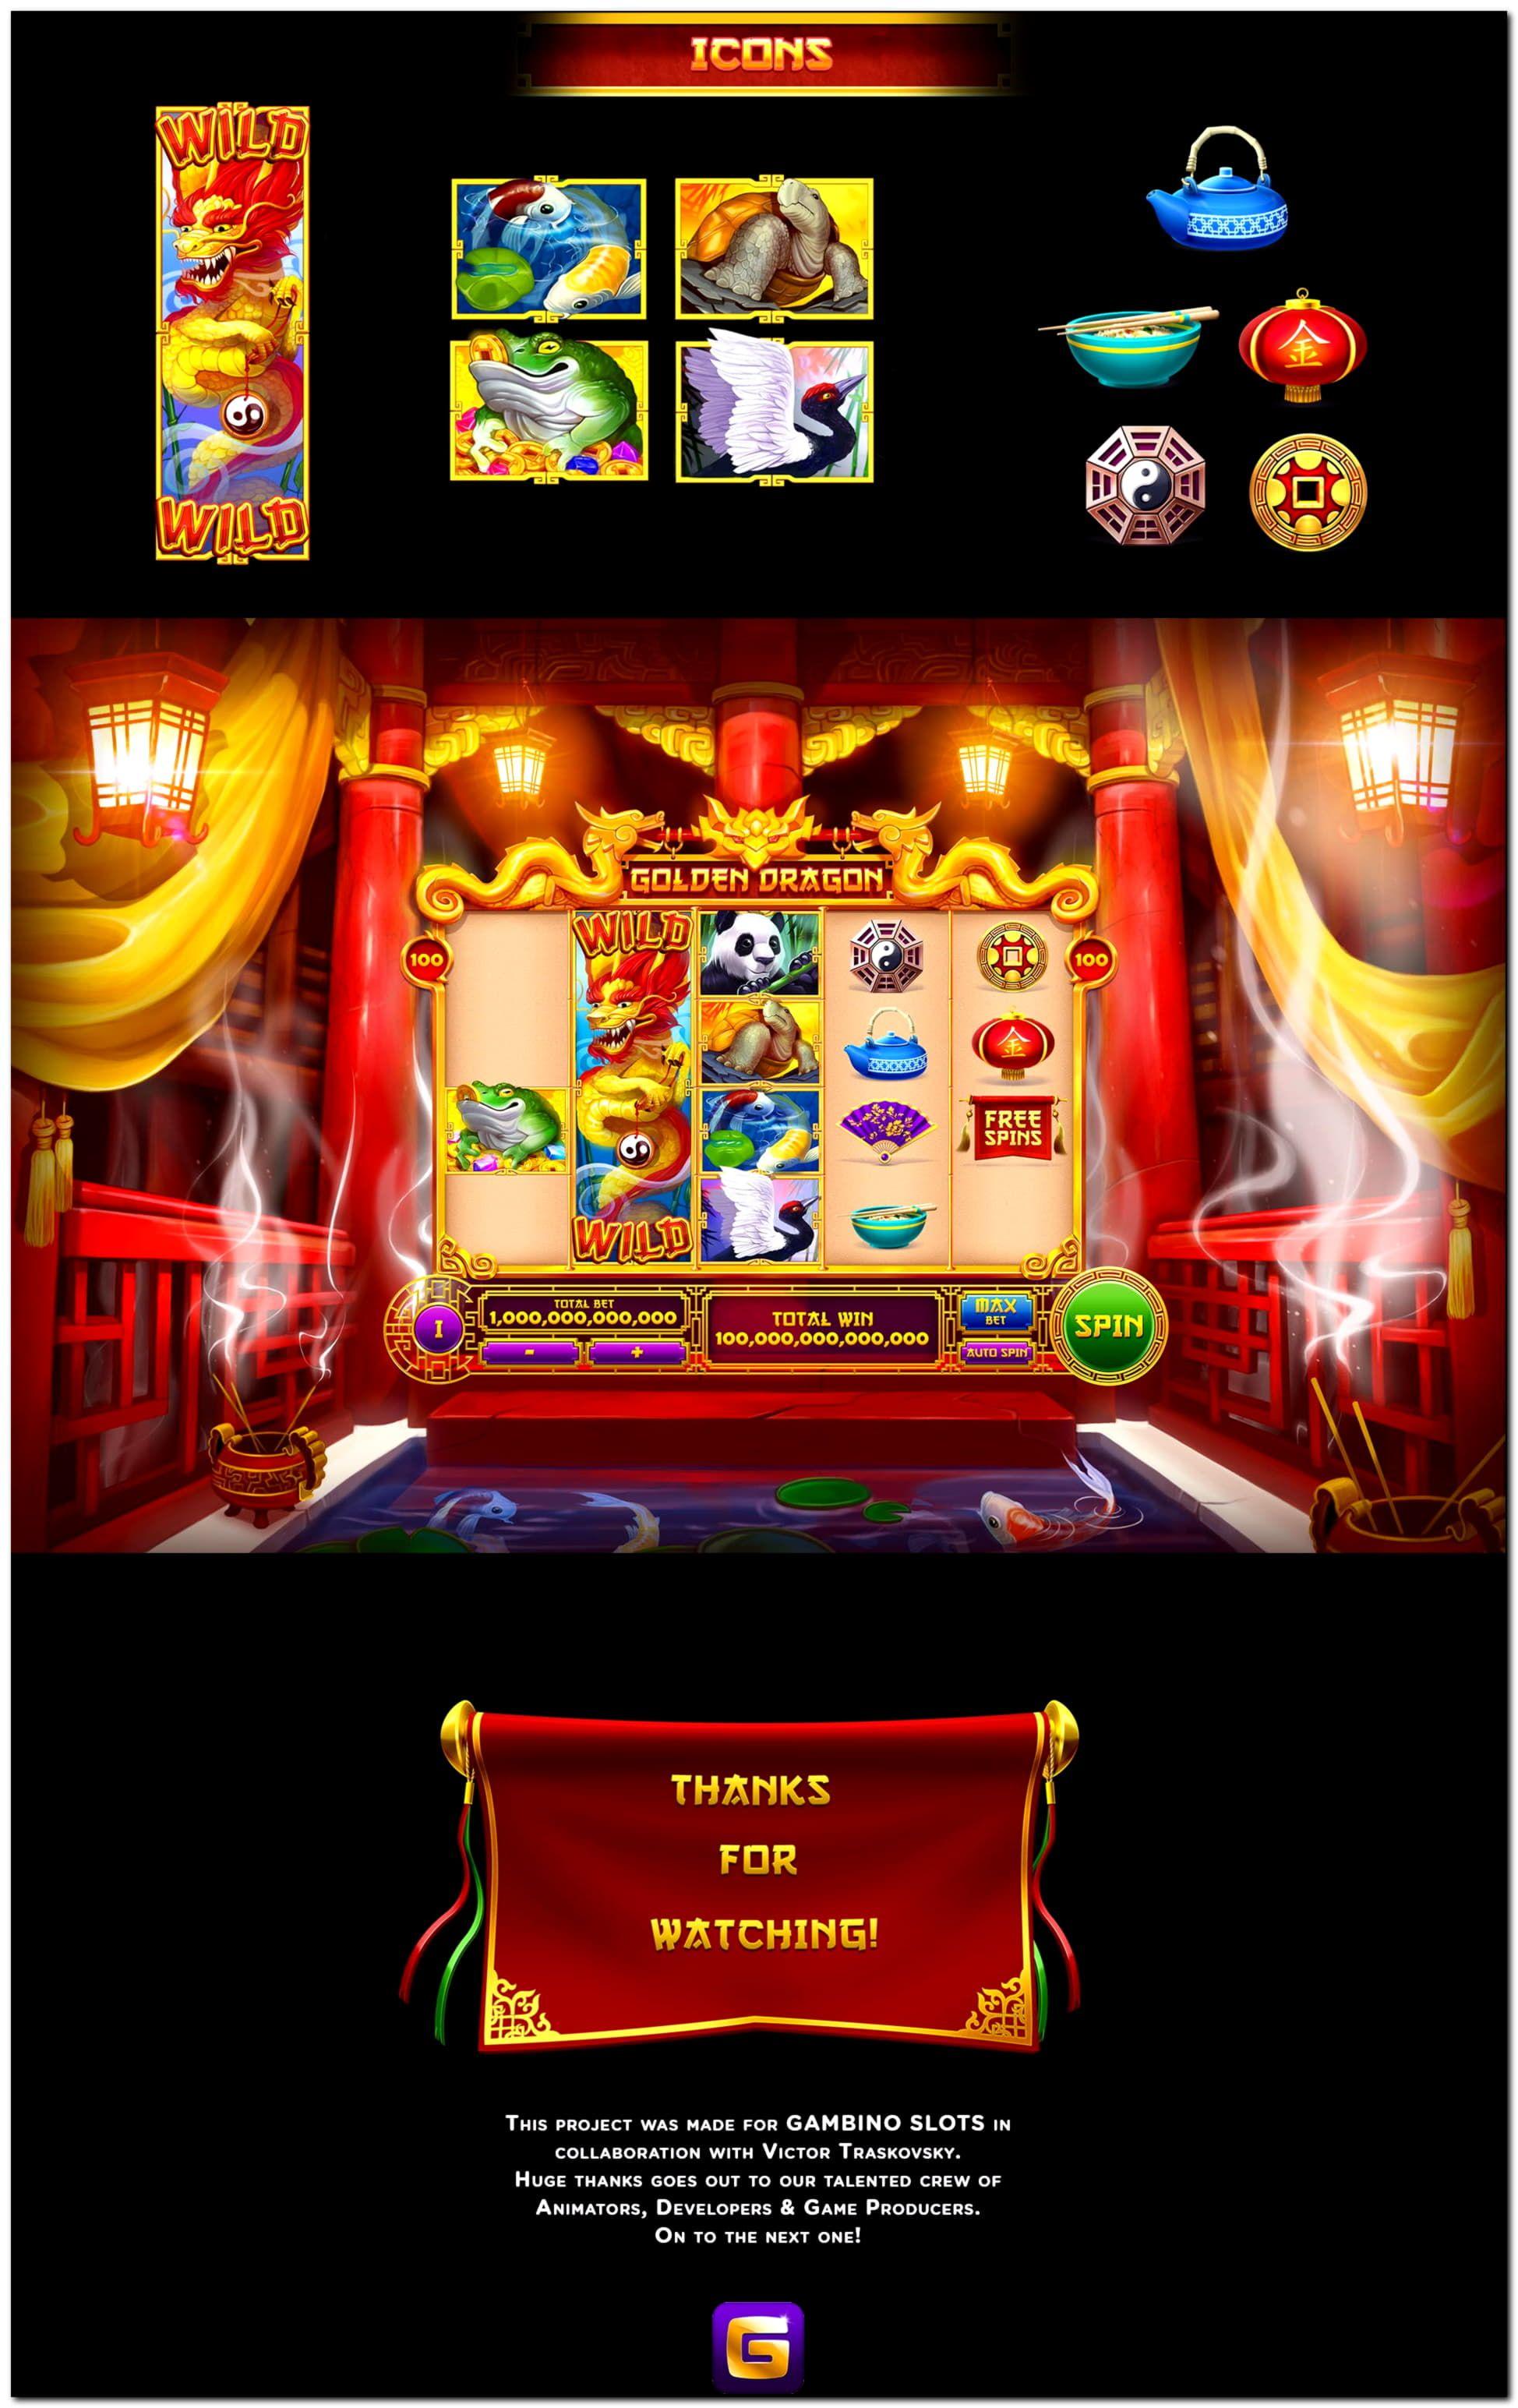 Bitcoin casino sverige bonuskod 31407